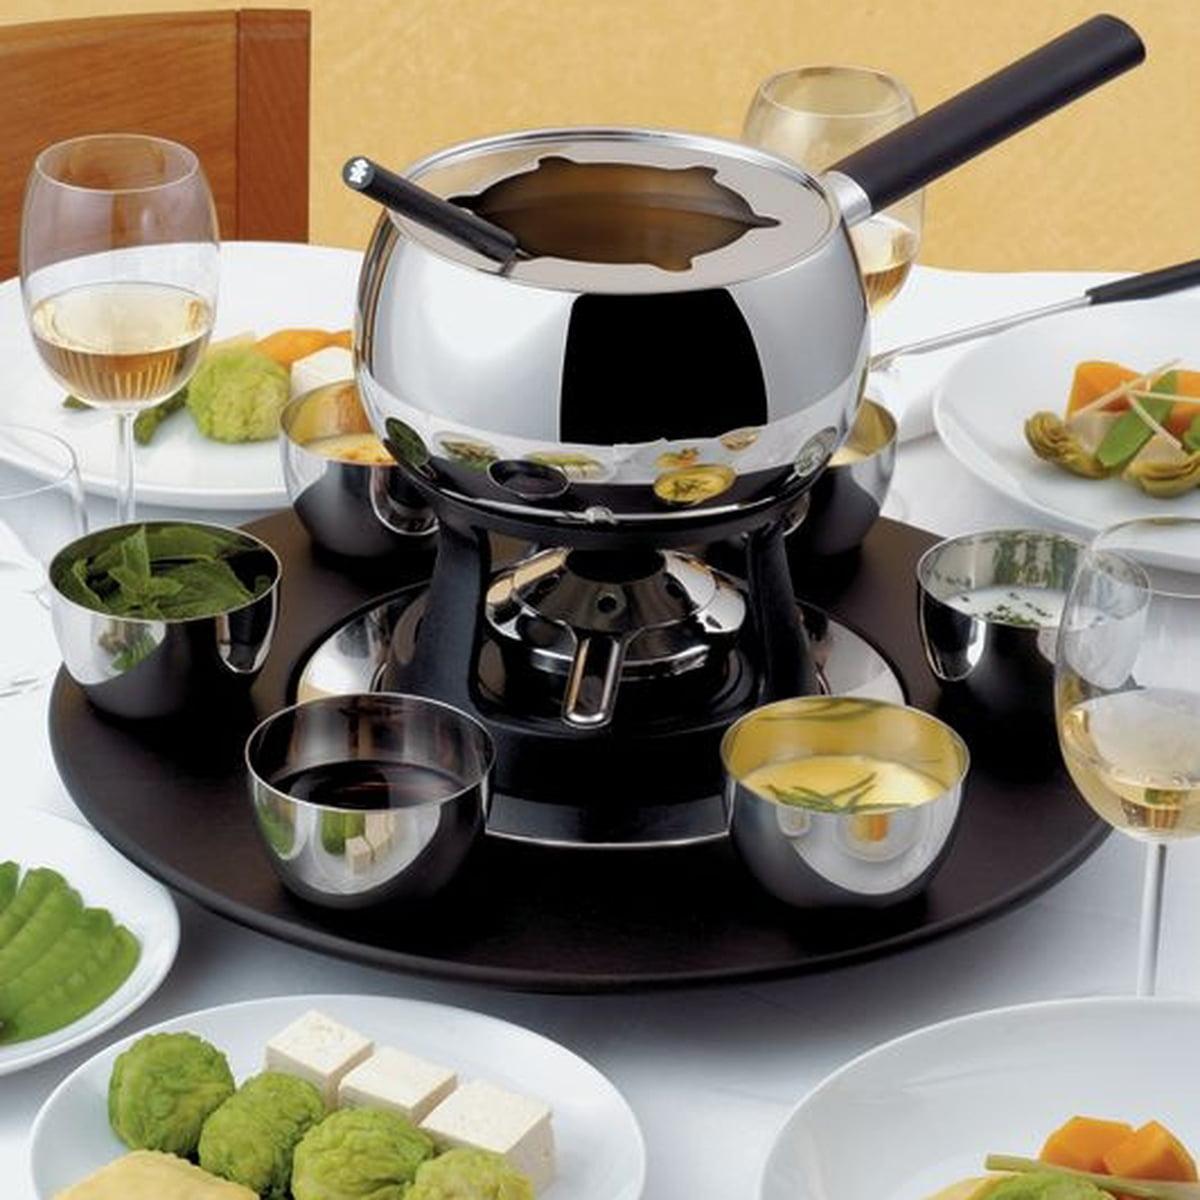 alessi mami fondue and bourguignonne set